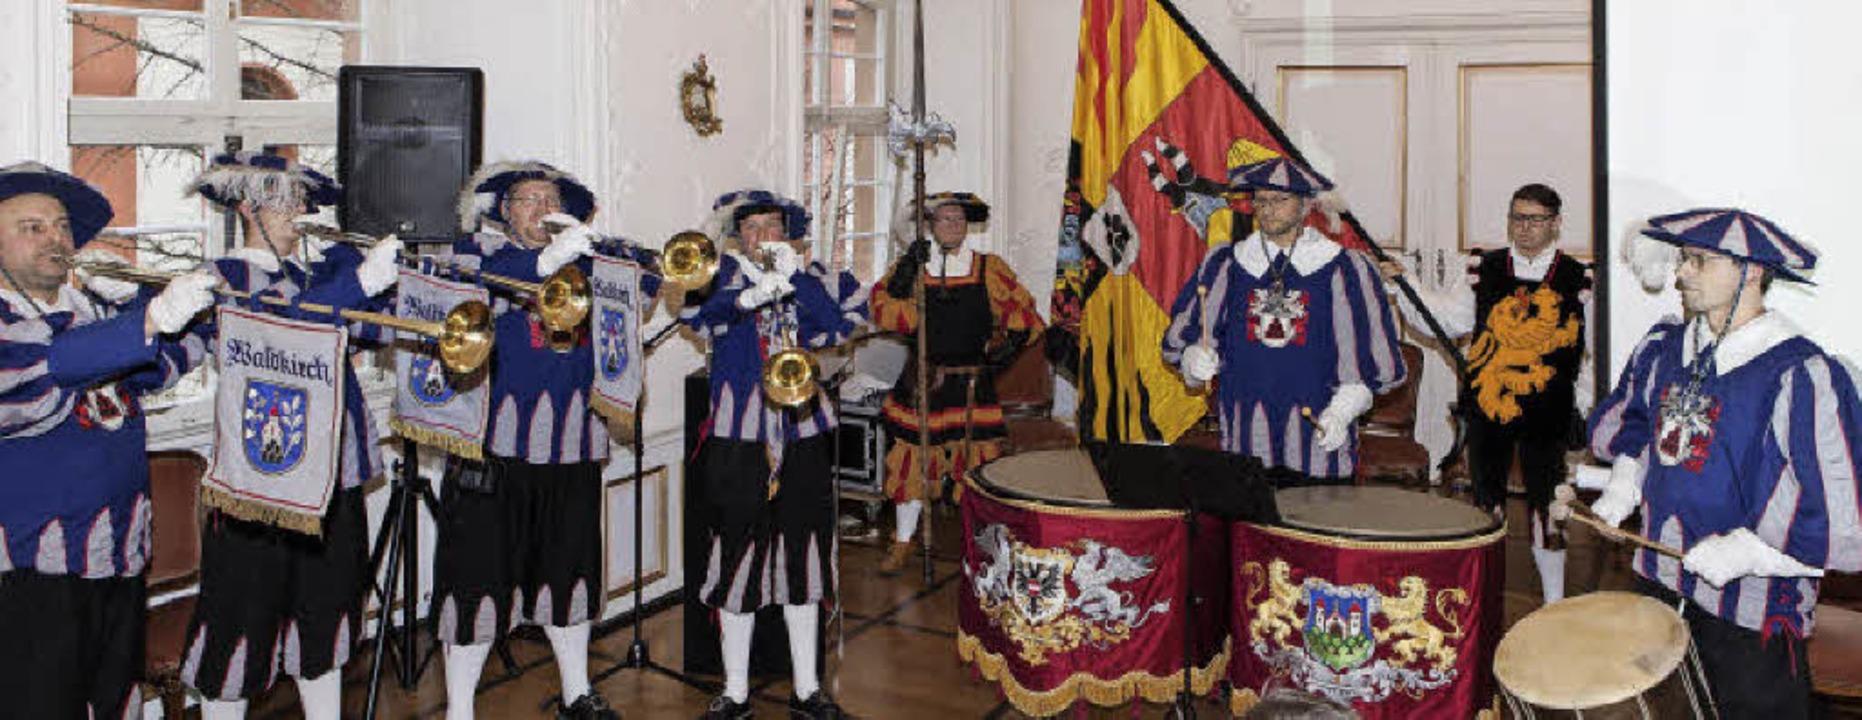 Das Buccinenquartett des Fanfarenzugs ...aldkircher Stadtkatasters musikalisch.  | Foto: Photographer: Gabriele Zahn